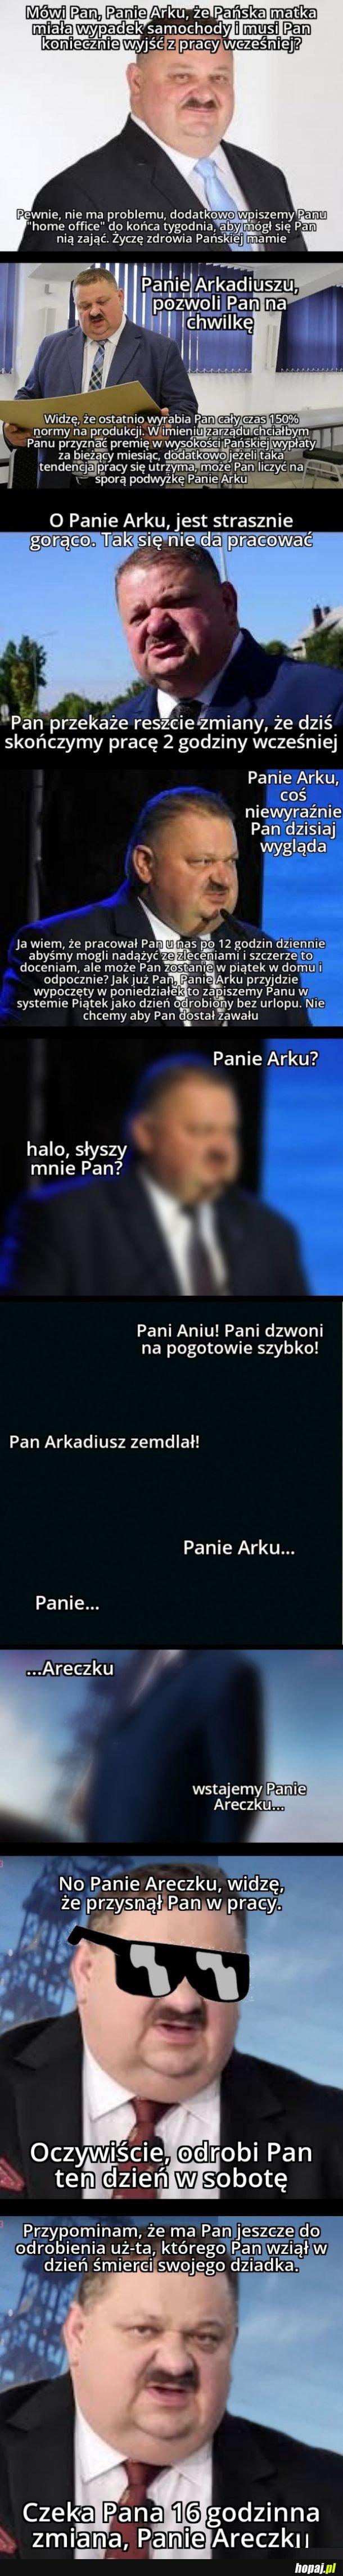 Panie Areczku